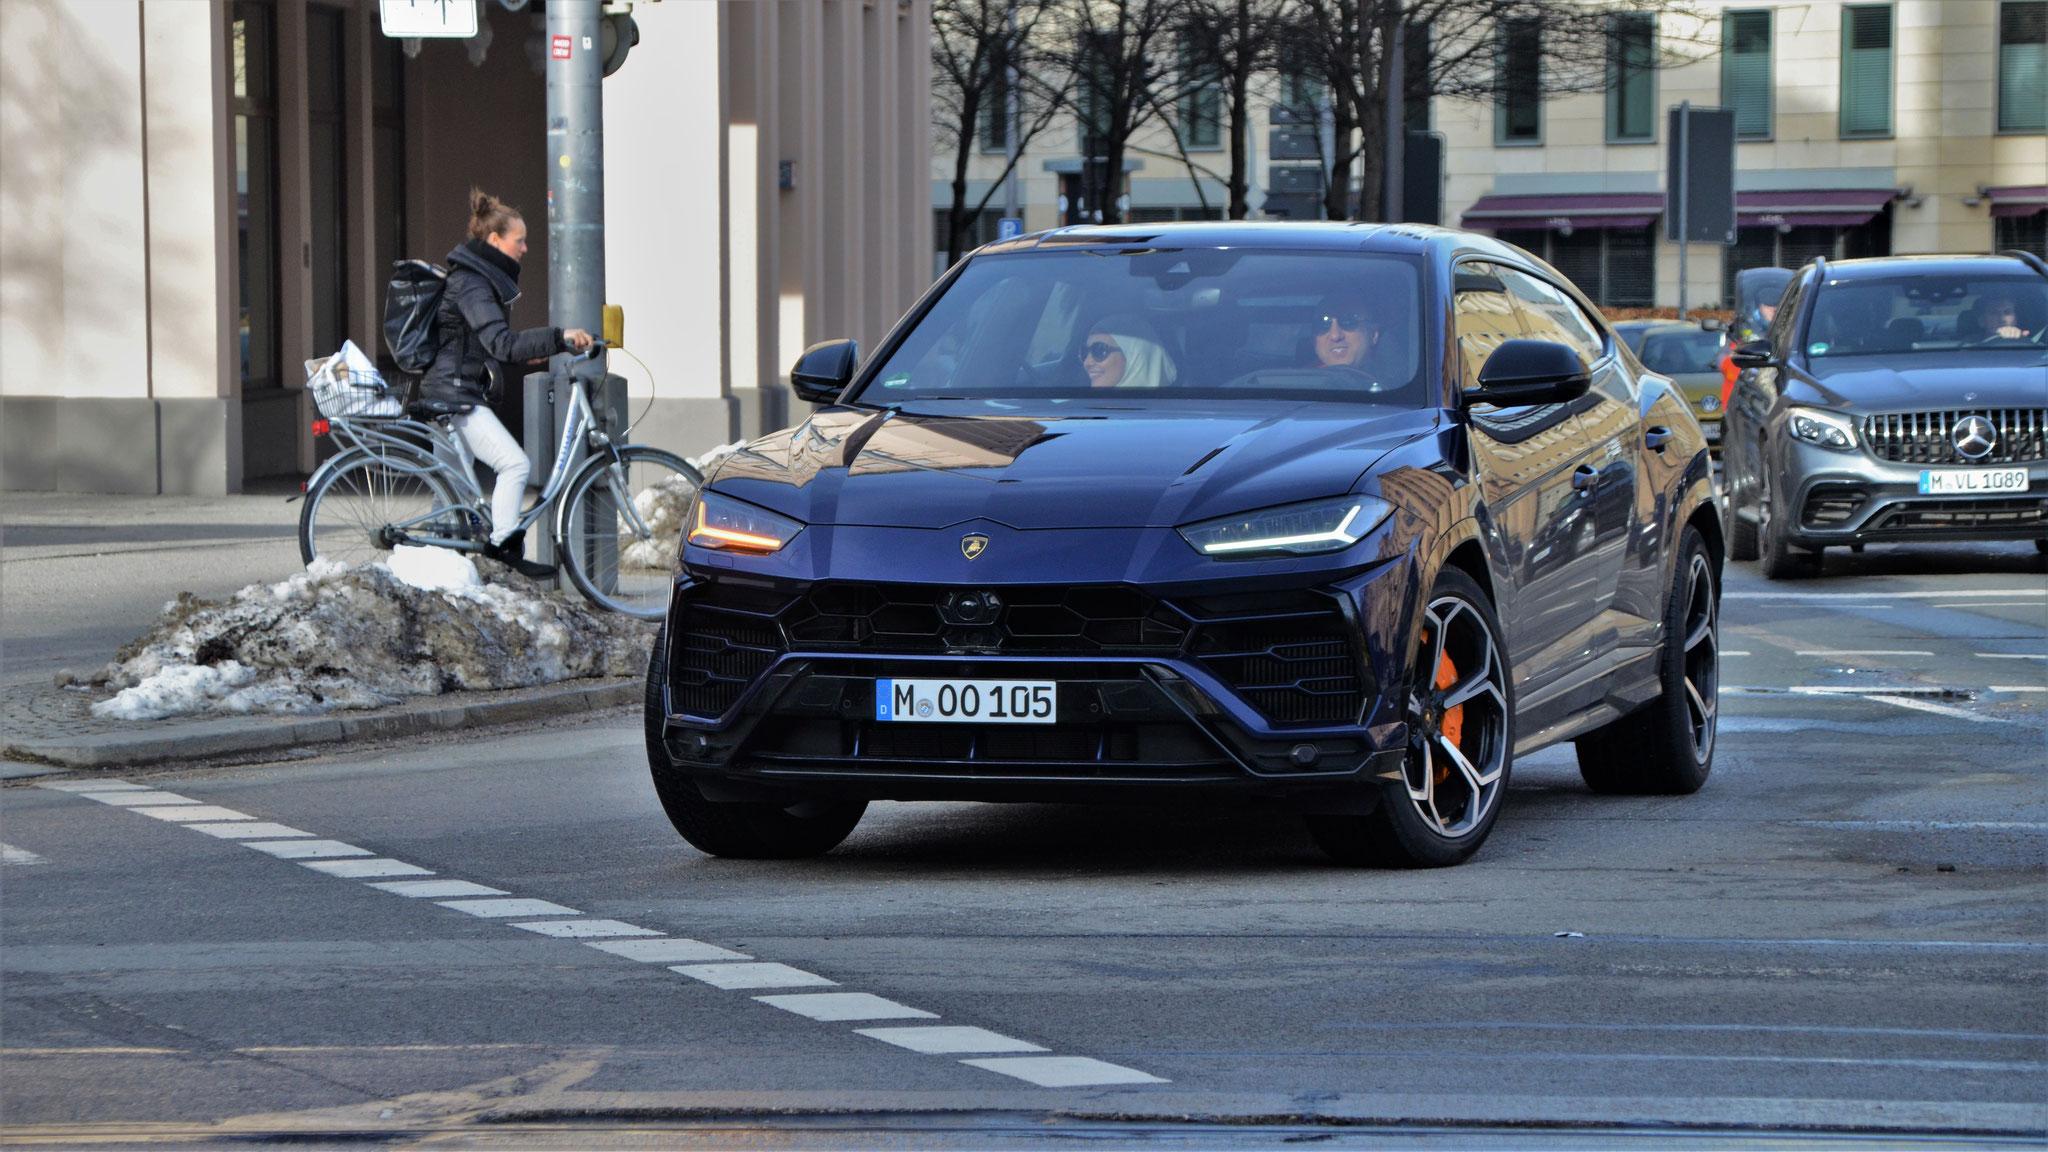 Lamborghini Urus - M-OO-105